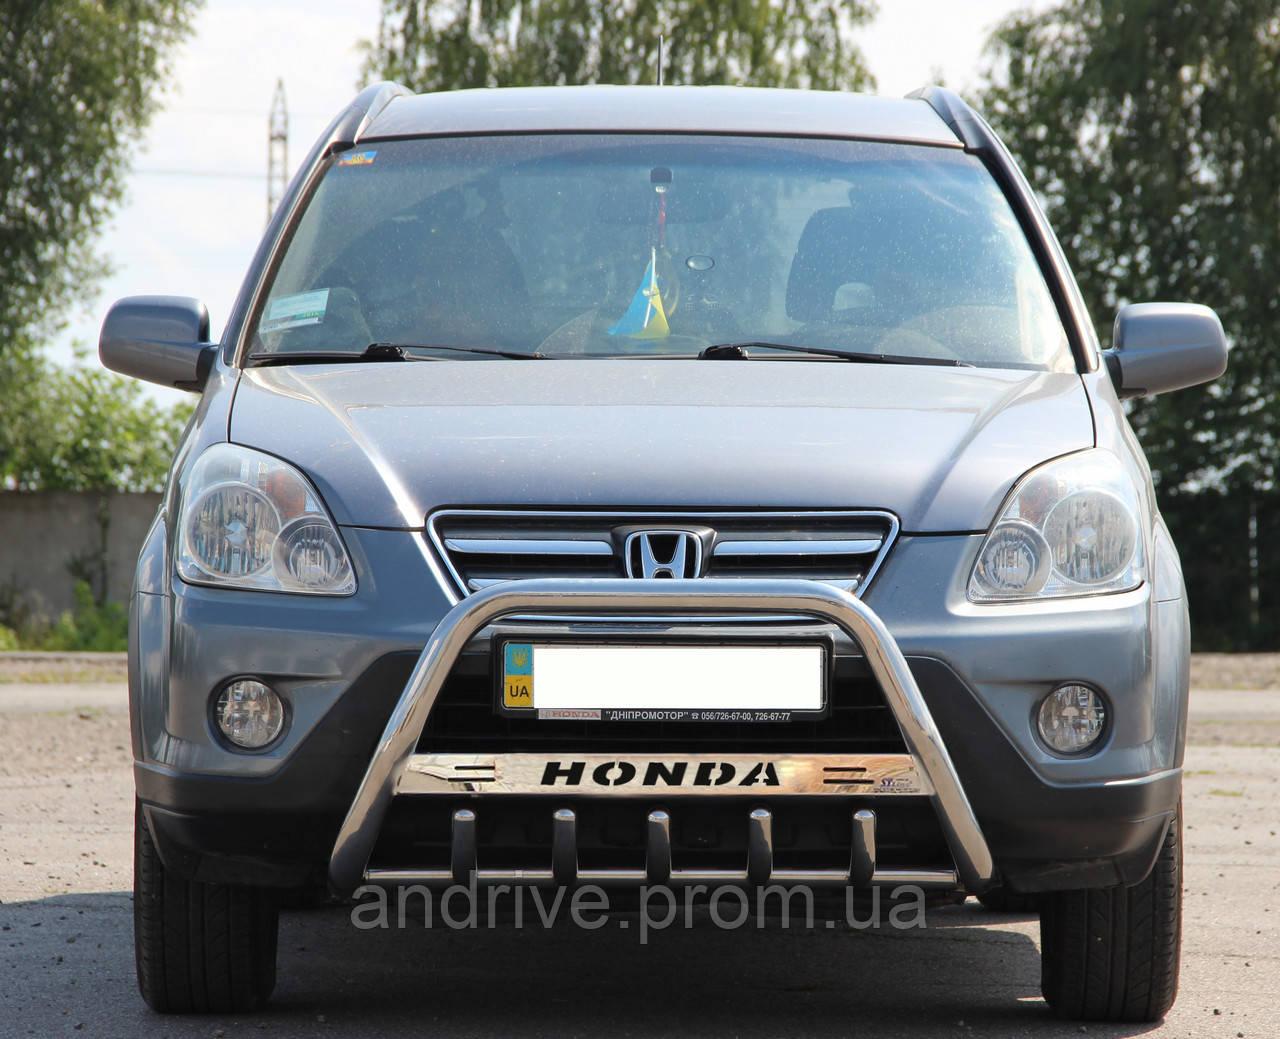 Кенгурятник с лого (защита переднего бампера) Honda CR-V 2001-2006